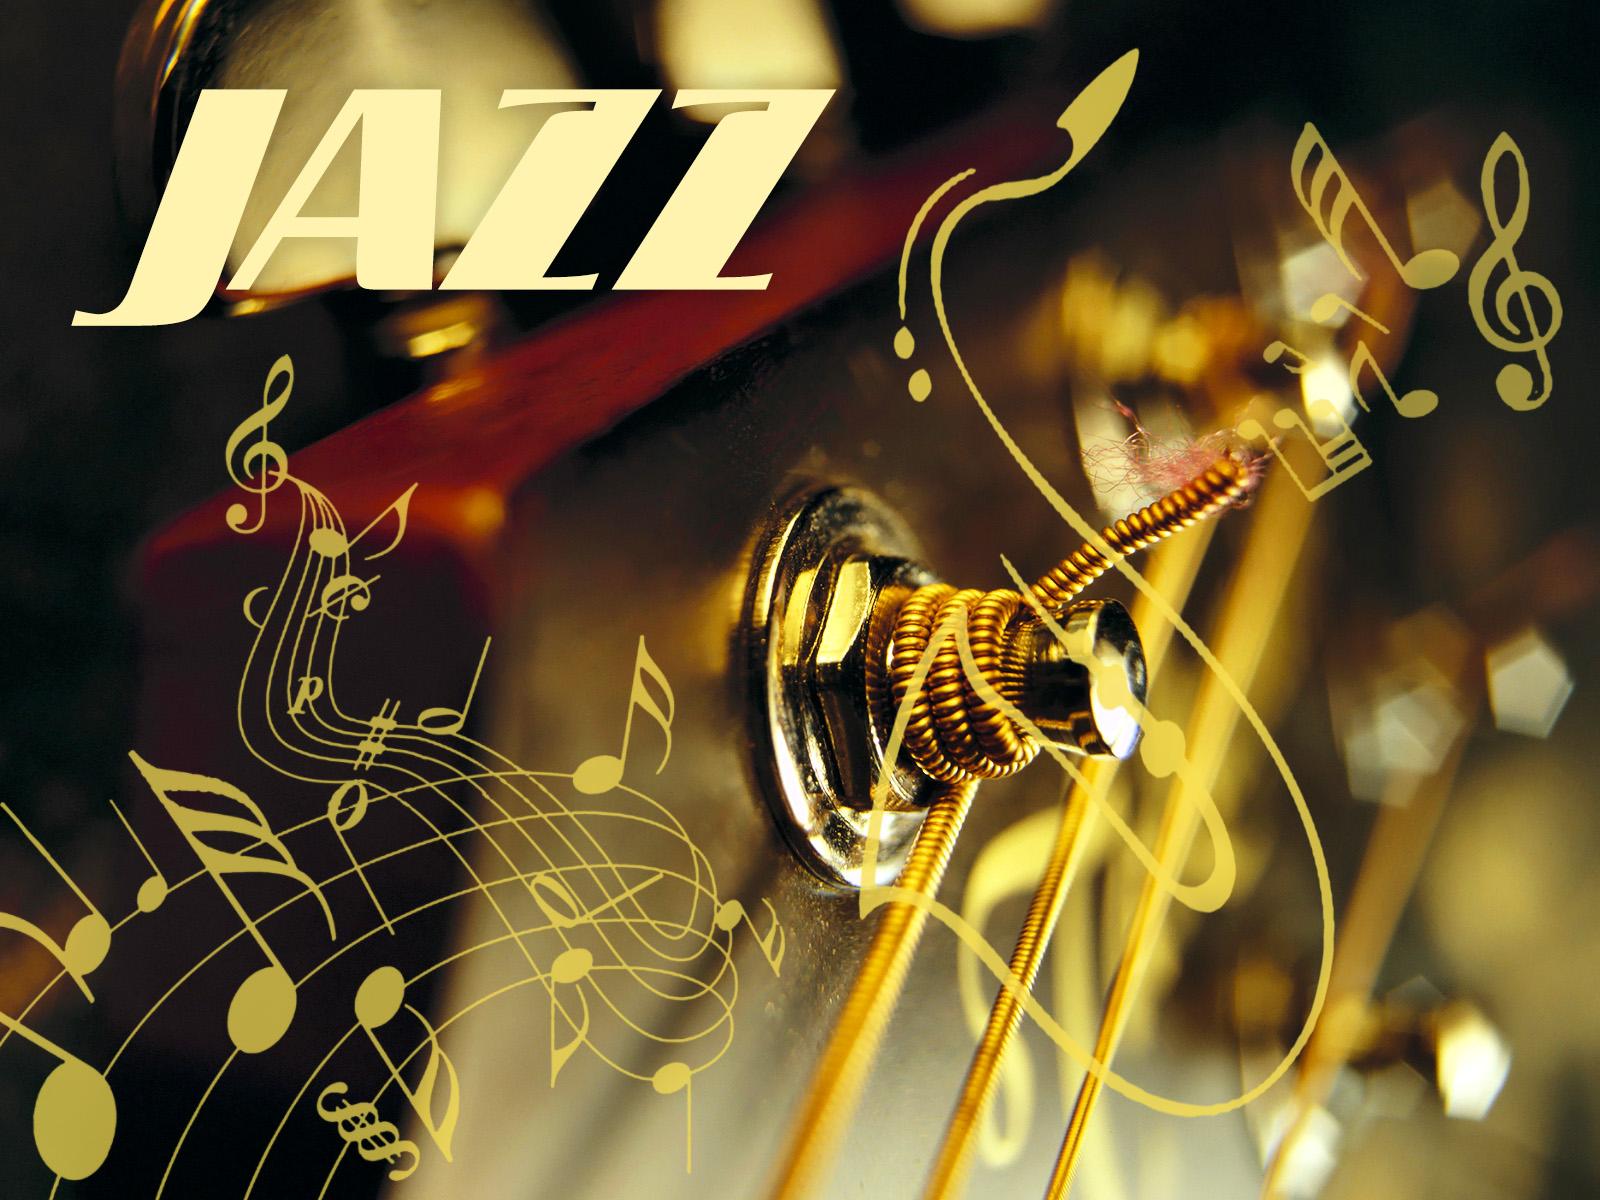 blyuz-saksofon-dzhaz